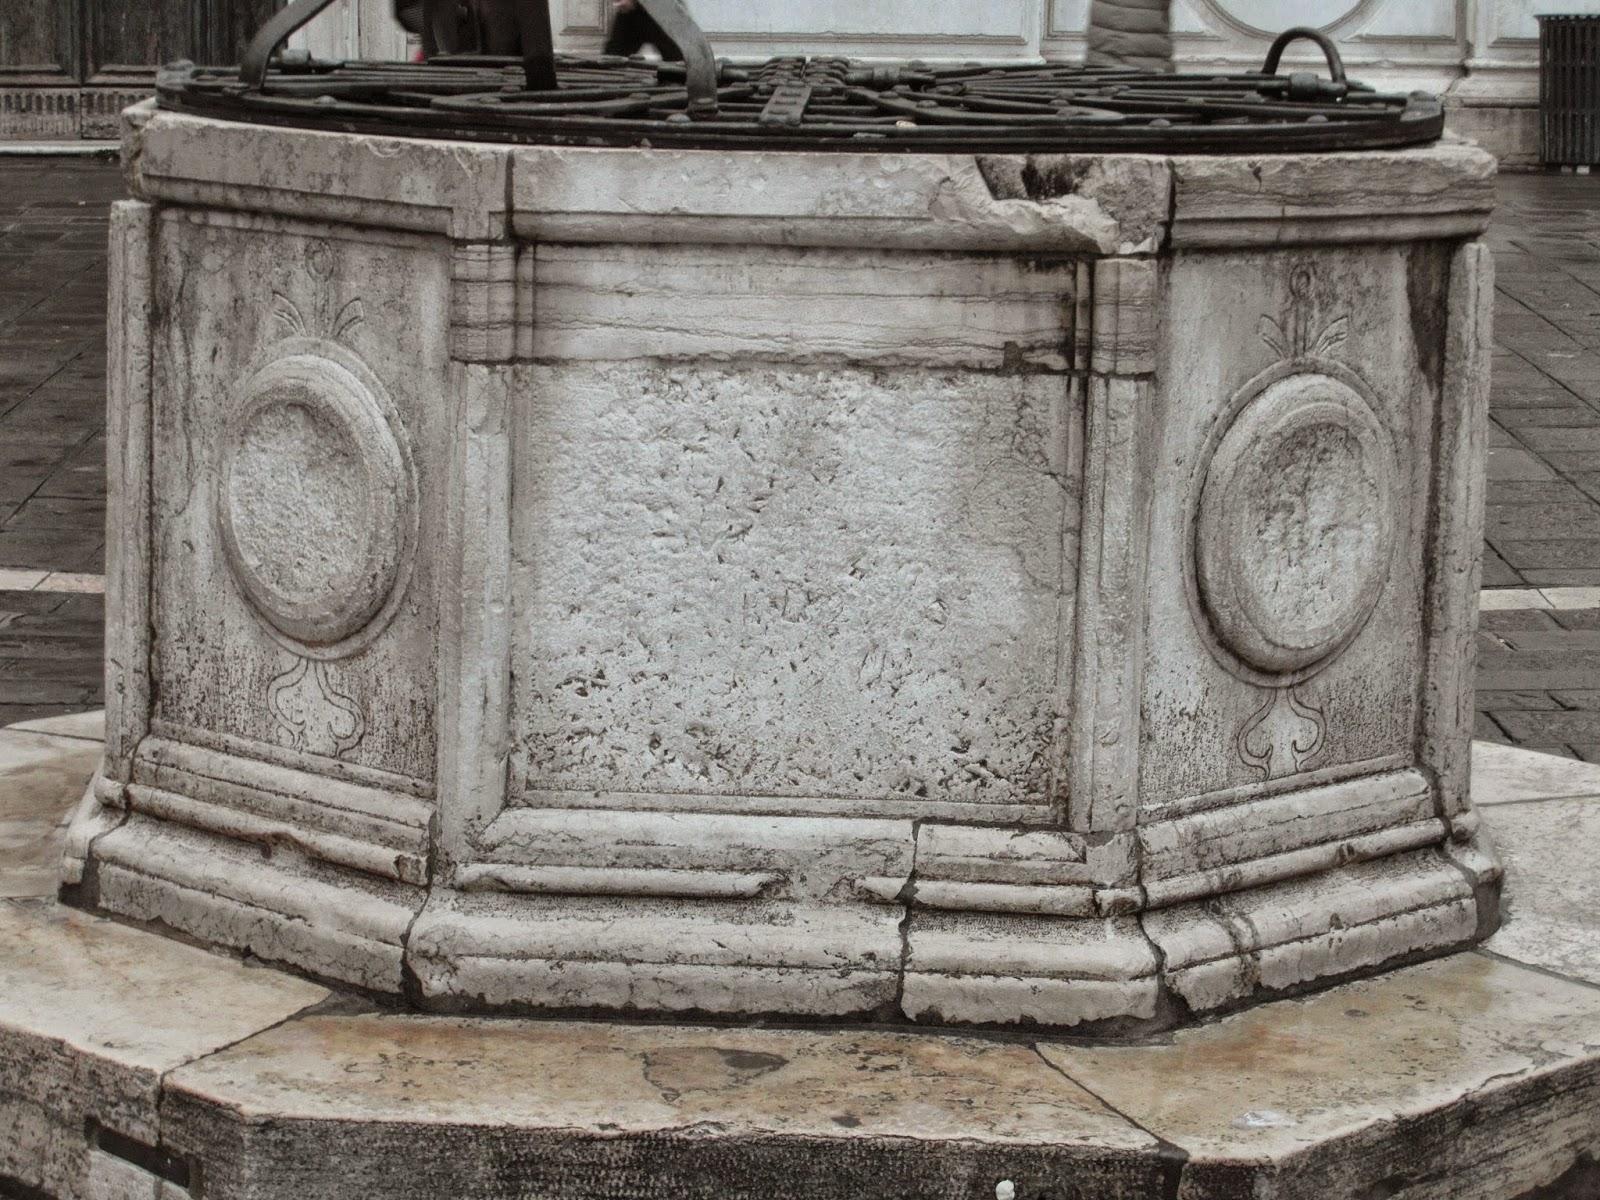 Well-head (vera da pozzo) minus its leone marciana, Campo S. Toma, Venice